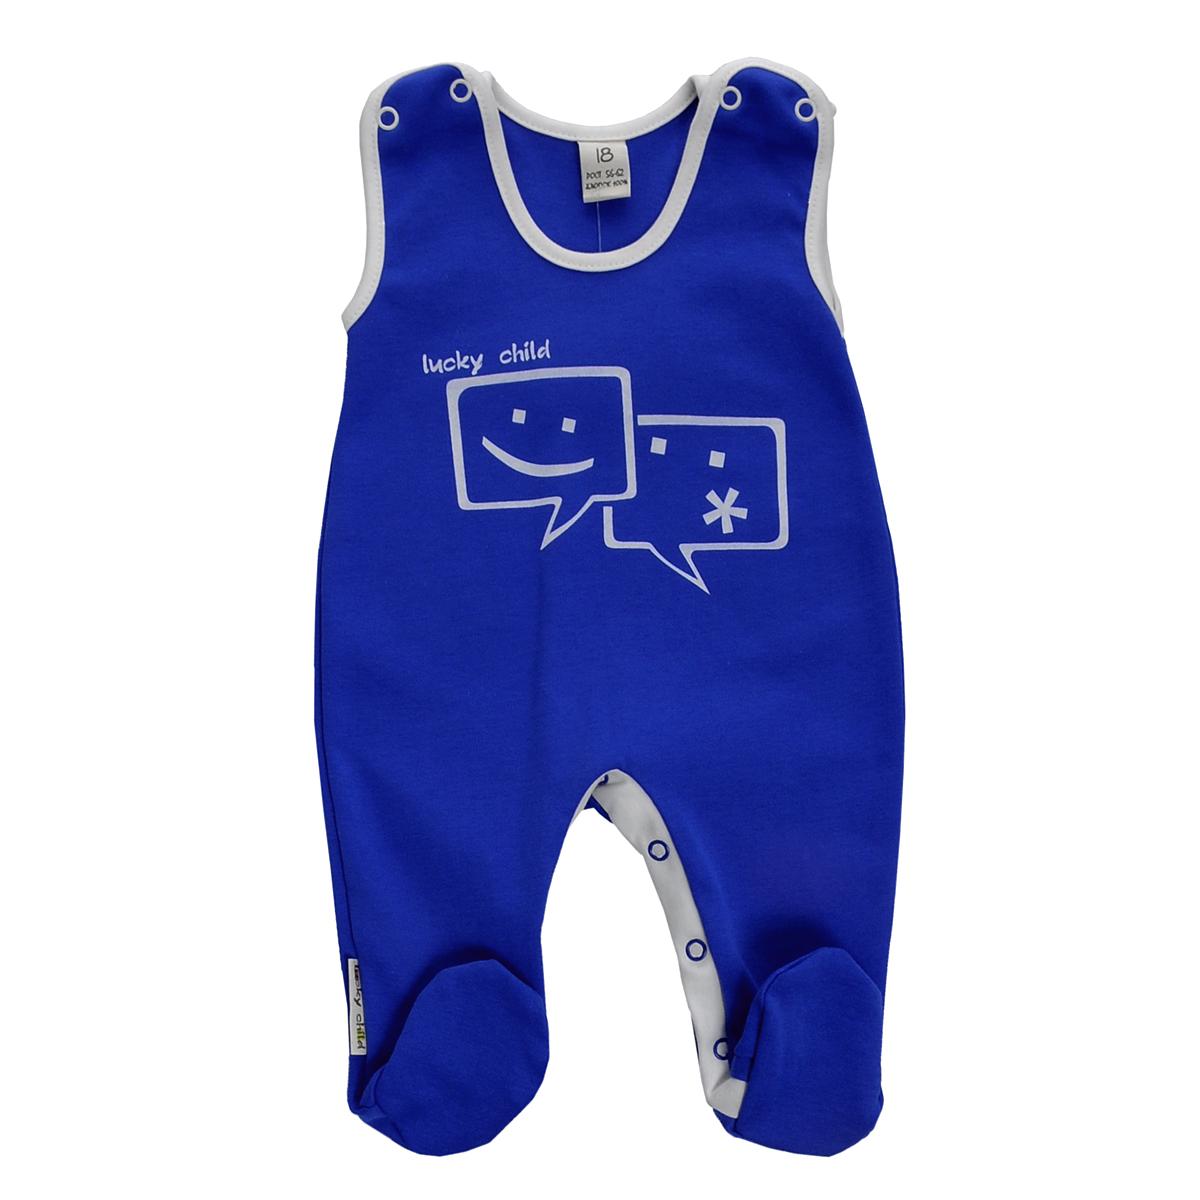 Ползунки с грудкой для мальчика Lucky Child, цвет: синий. 9-2. Размер 80/869-2Ползунки с грудкой для мальчика Lucky Child - очень удобный и практичный вид одежды для малышей. Они отлично сочетаются с футболками и кофточками. Ползунки выполнены из натурального хлопка, благодаря чему они необычайно мягкие и приятные на ощупь, не раздражают нежную кожу ребенка и хорошо вентилируются, а эластичные швы приятны телу малыша и не препятствуют его движениям. Ползунки с закрытыми ножками, застегивающиеся сверху на кнопки, идеально подойдут вашему малышу, обеспечивая ему наибольший комфорт. Они подходят для ношения с подгузником и без него. Кнопки на ластовице помогают легко и без труда поменять подгузник в течение дня. На груди они оформлены оригинальным принтом в виде смайликов.Ползунки с грудкой полностью соответствуют особенностям жизни малыша в ранний период, не стесняя и не ограничивая его в движениях!